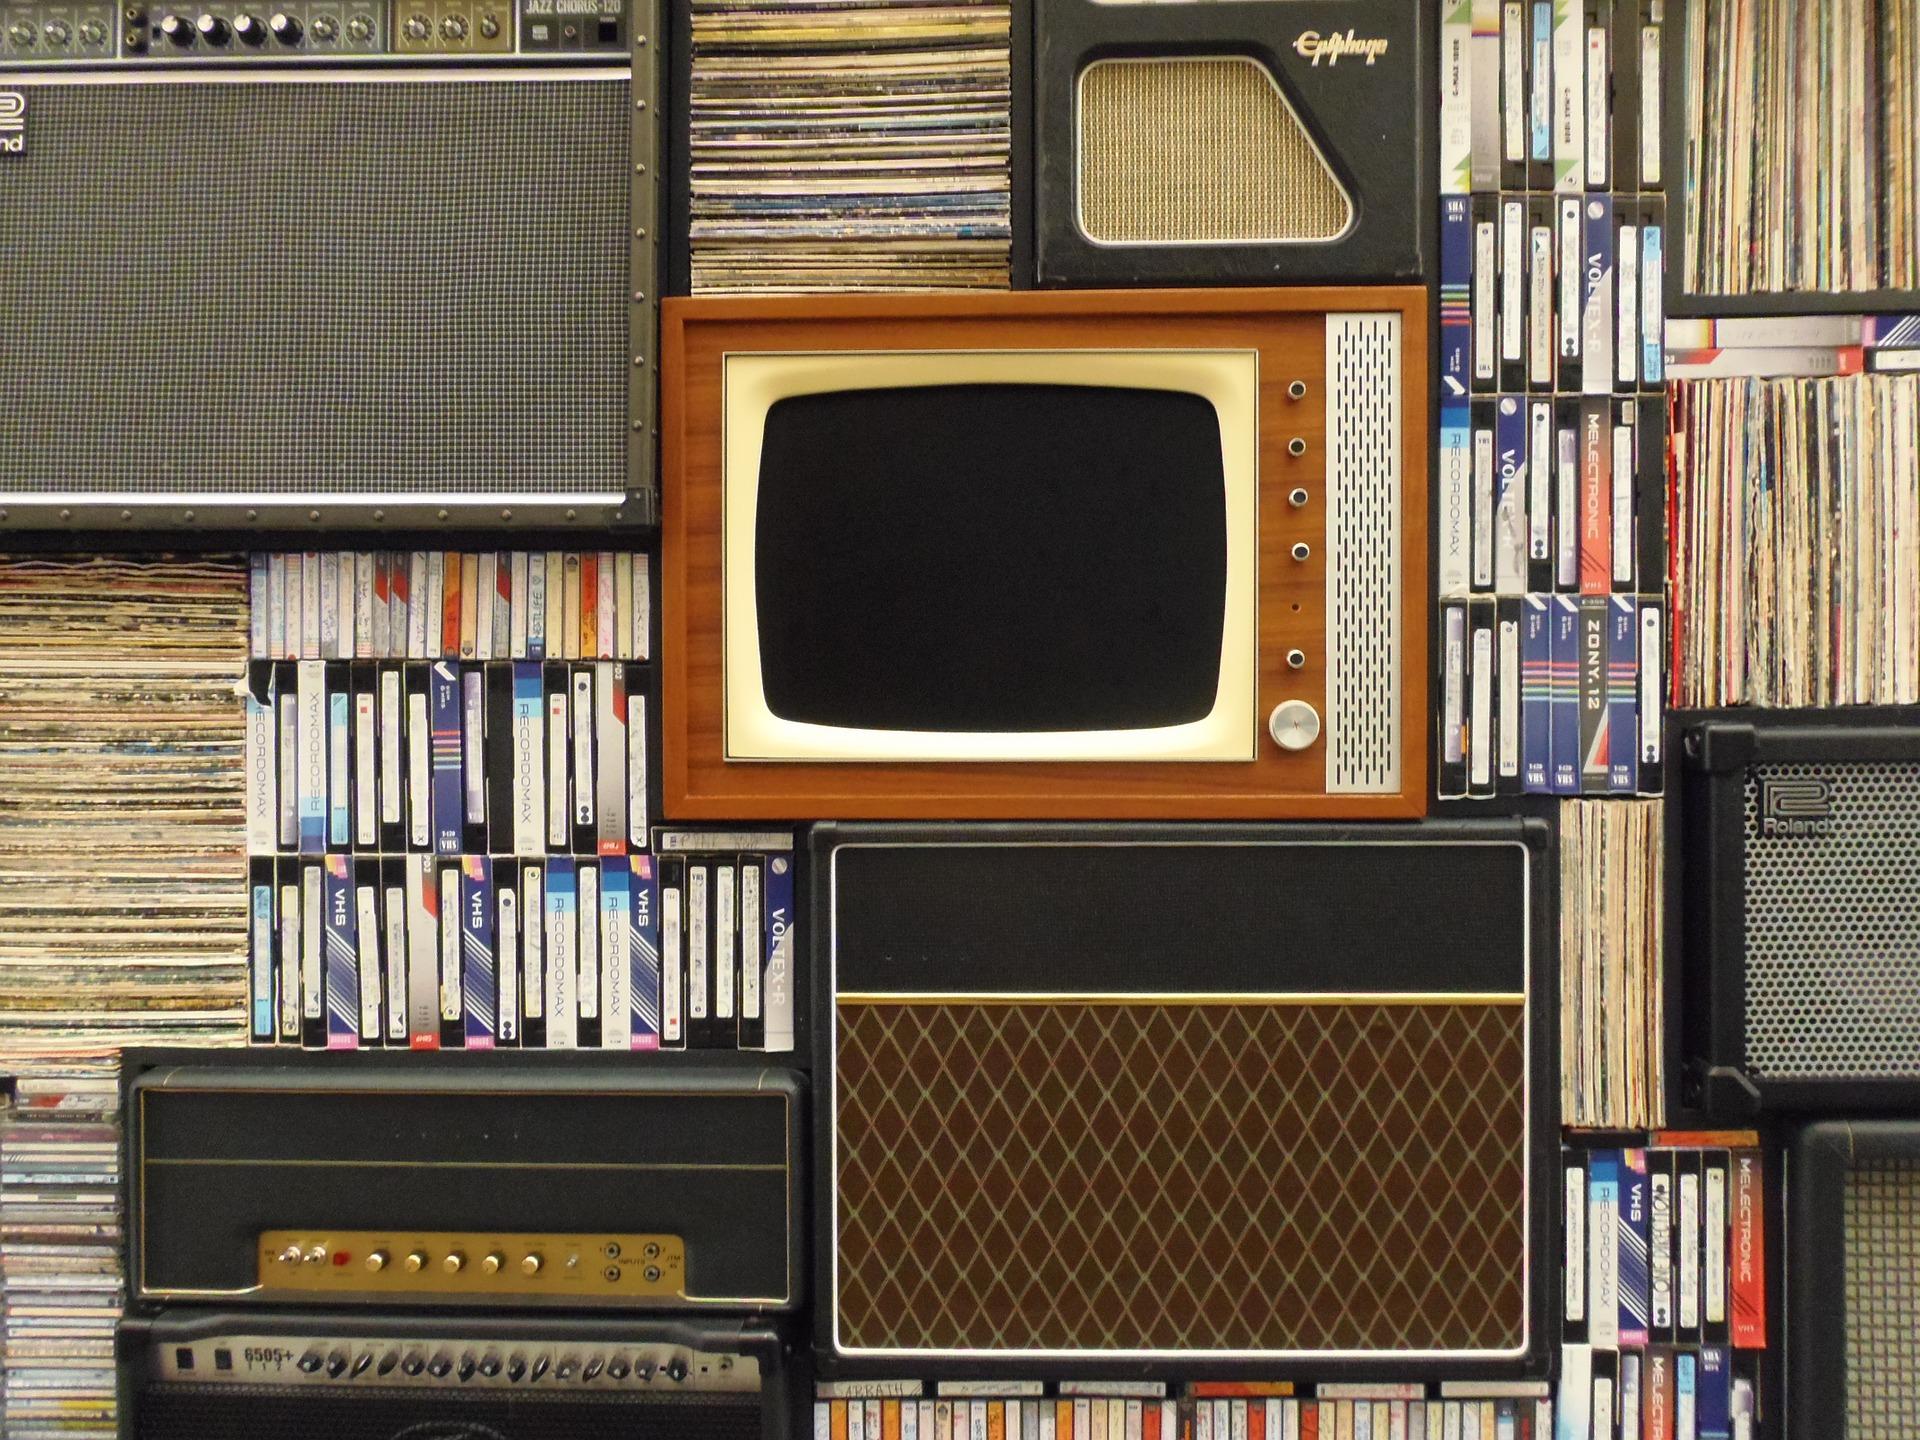 Retur av TV-boxar till Telenor